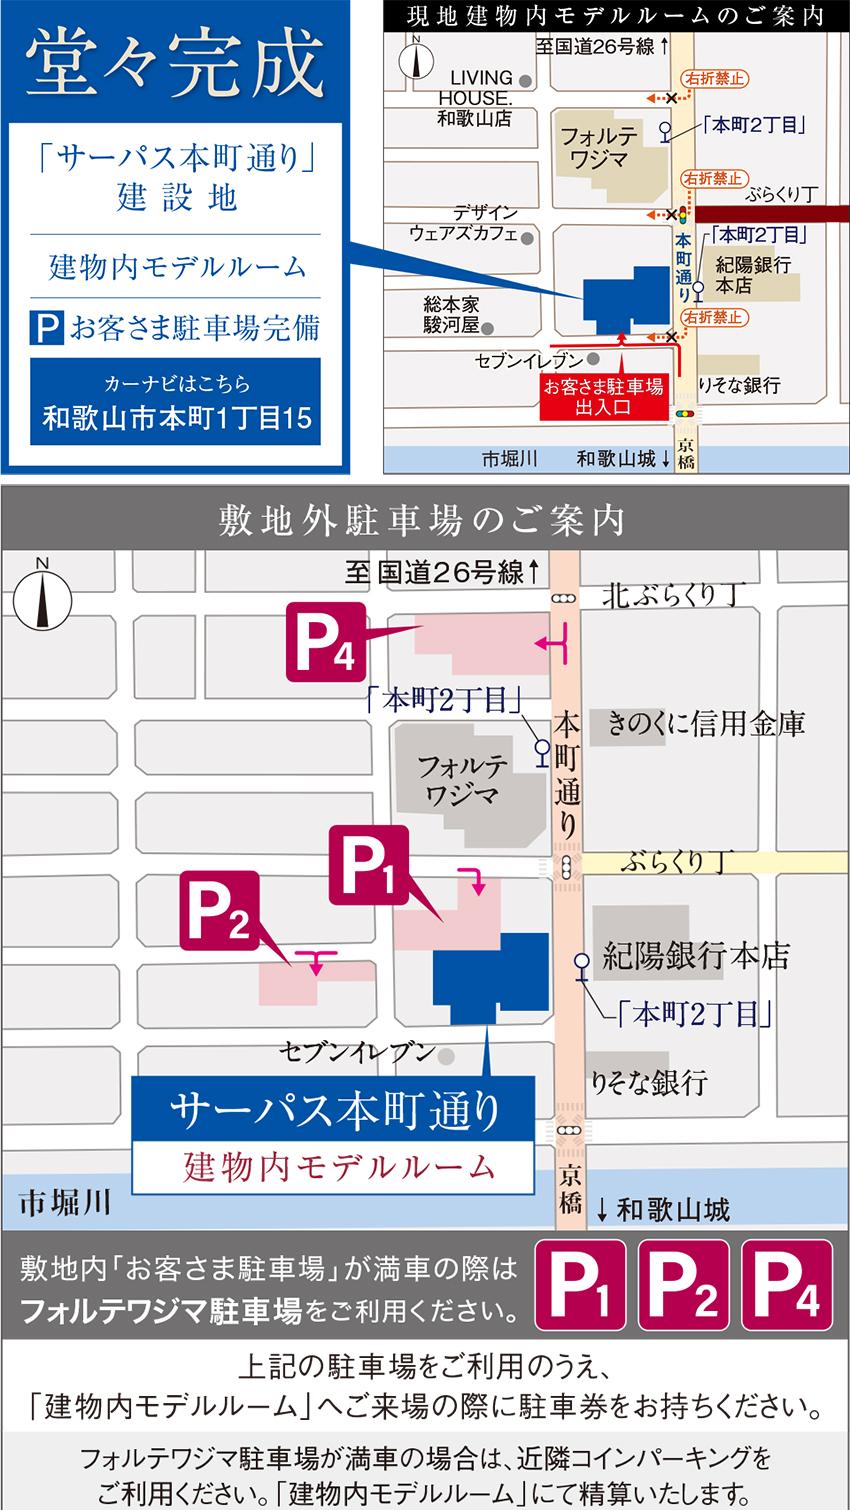 サーパス本町通り:モデルルーム地図